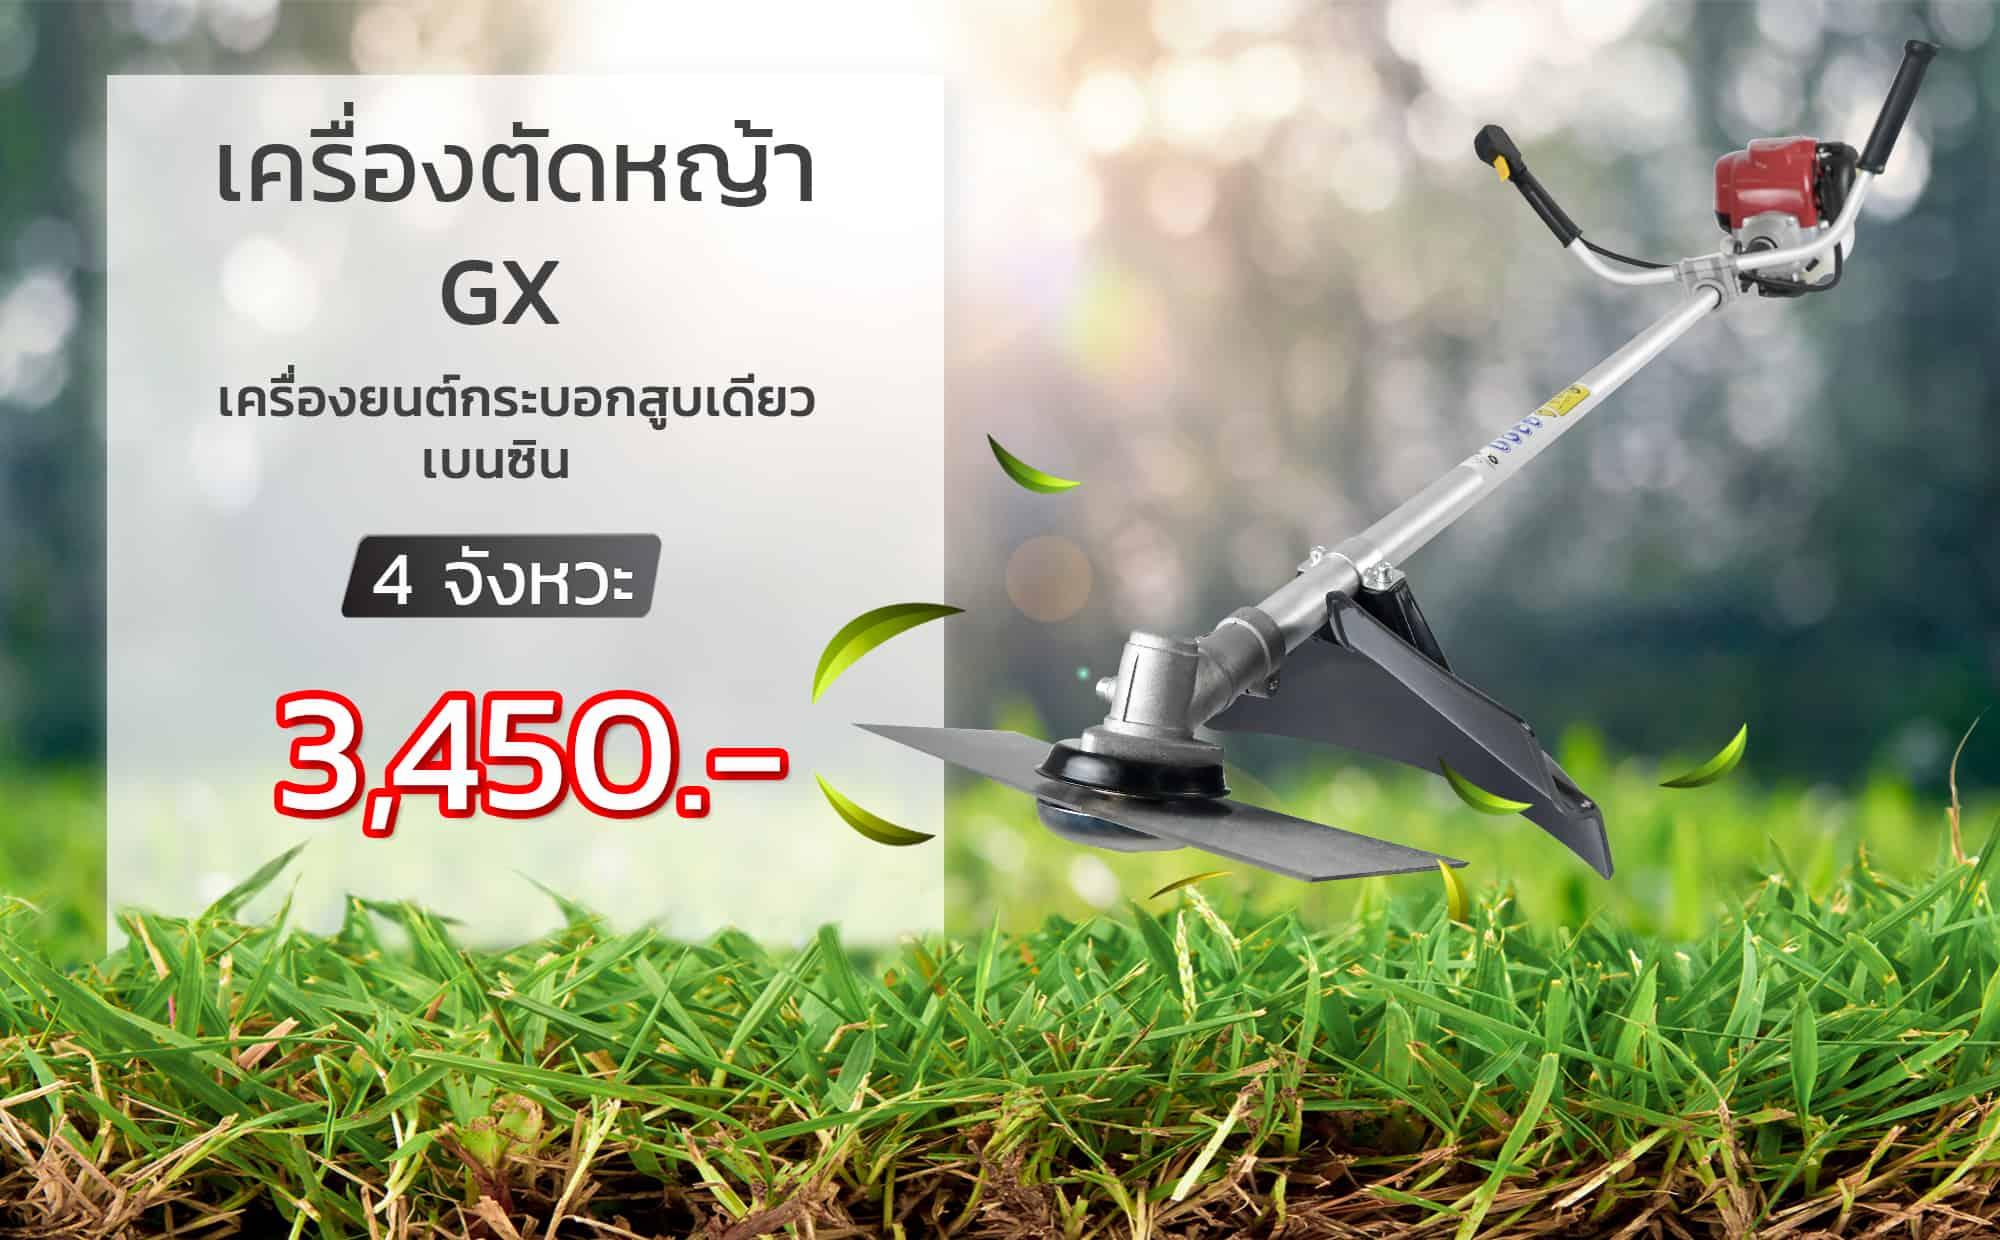 เครื่องตัดหญ้า 4 จังหวะ -ราคา